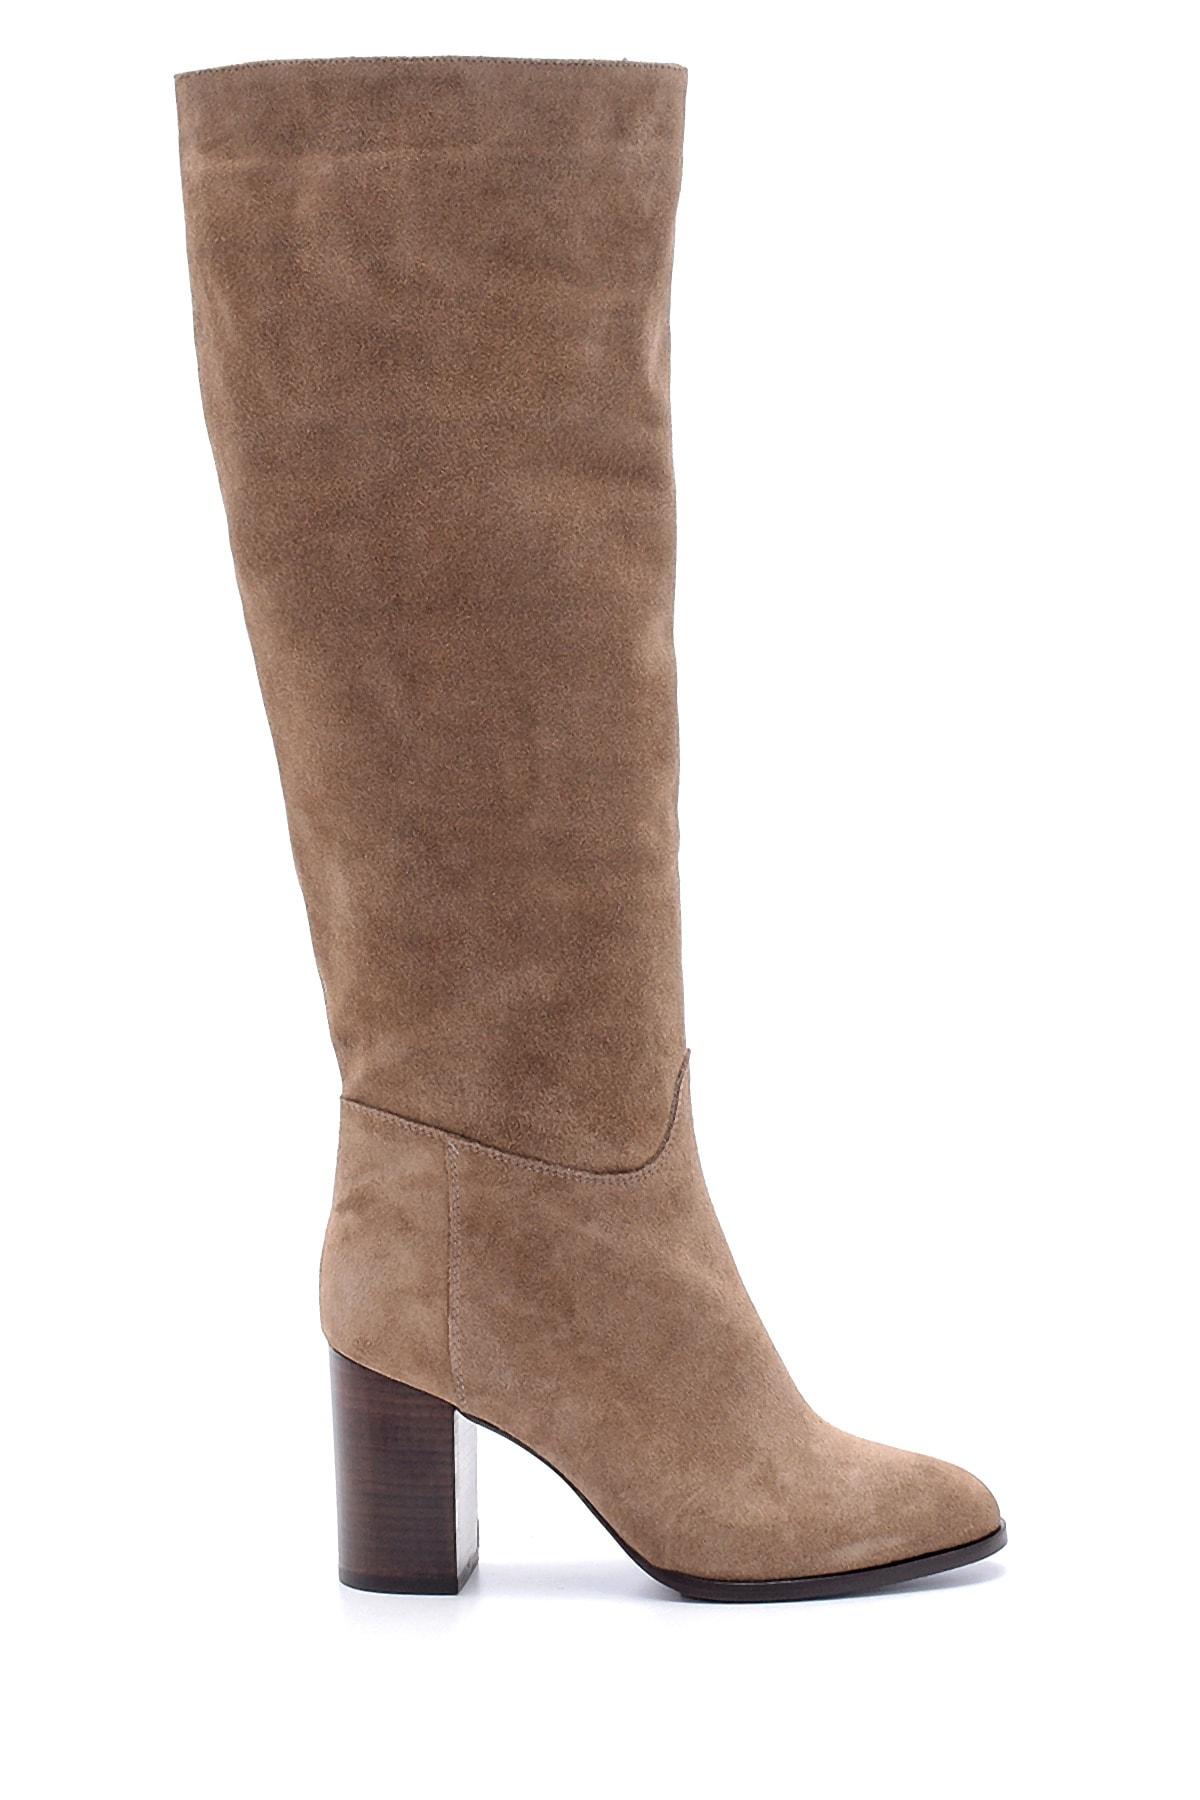 Derimod Kadın Süet Topuklu Çizme 1